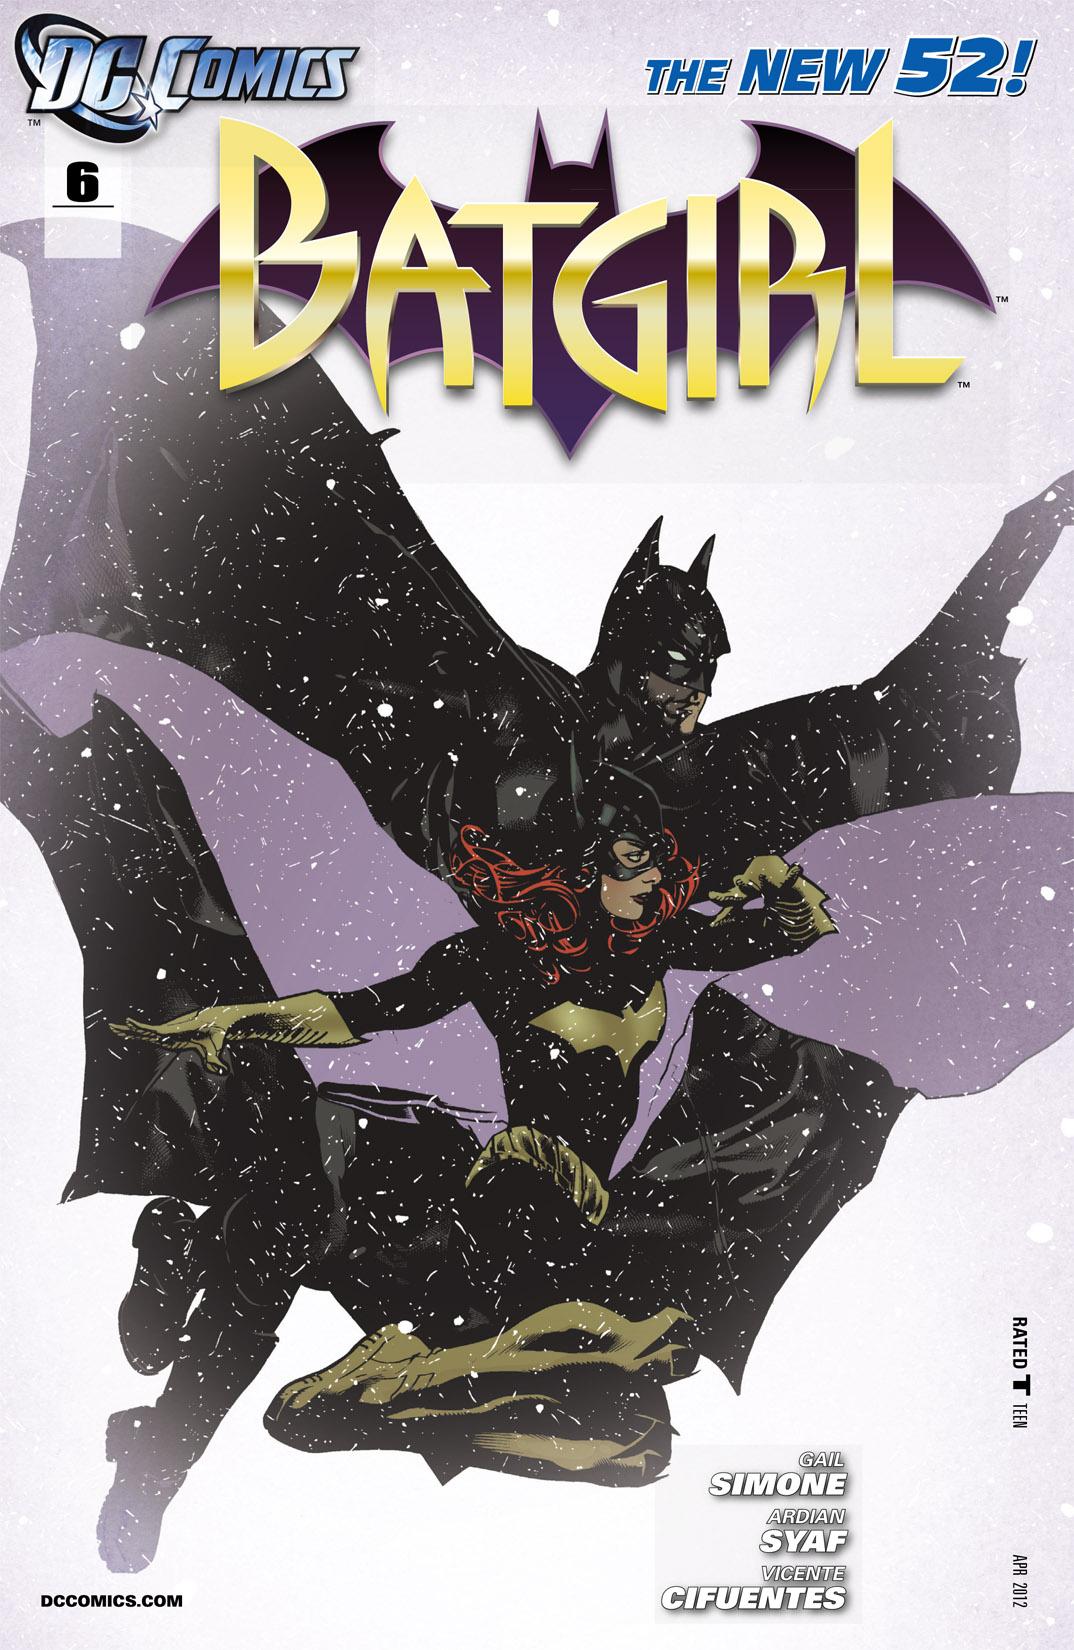 DC New 52 : BATGIRL Batgirl_Vol_4_6